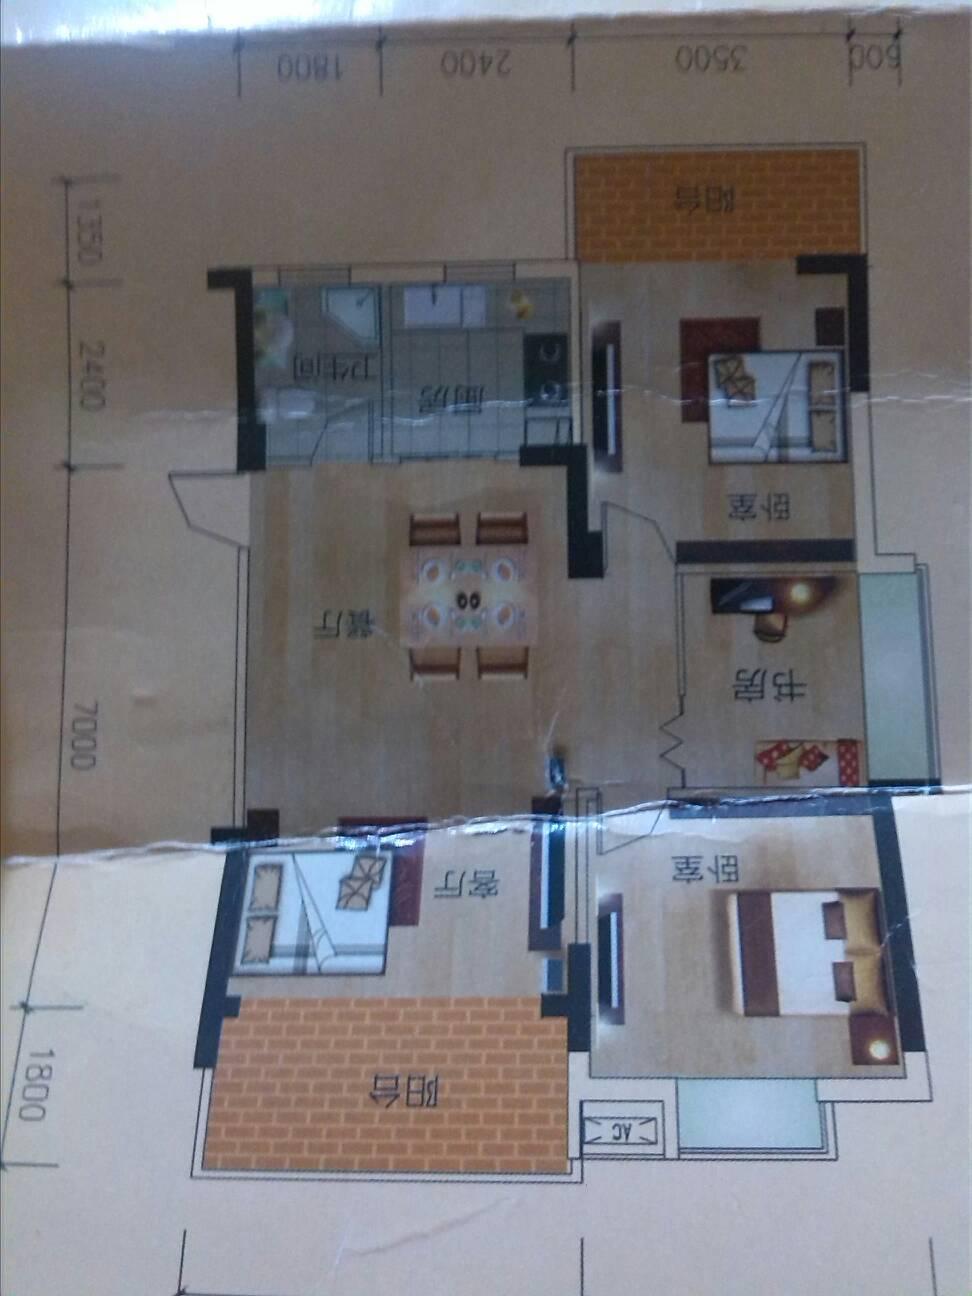 设计图-60平方自建房效果图-60平方米房子设计图-自建60平方房子设计图片